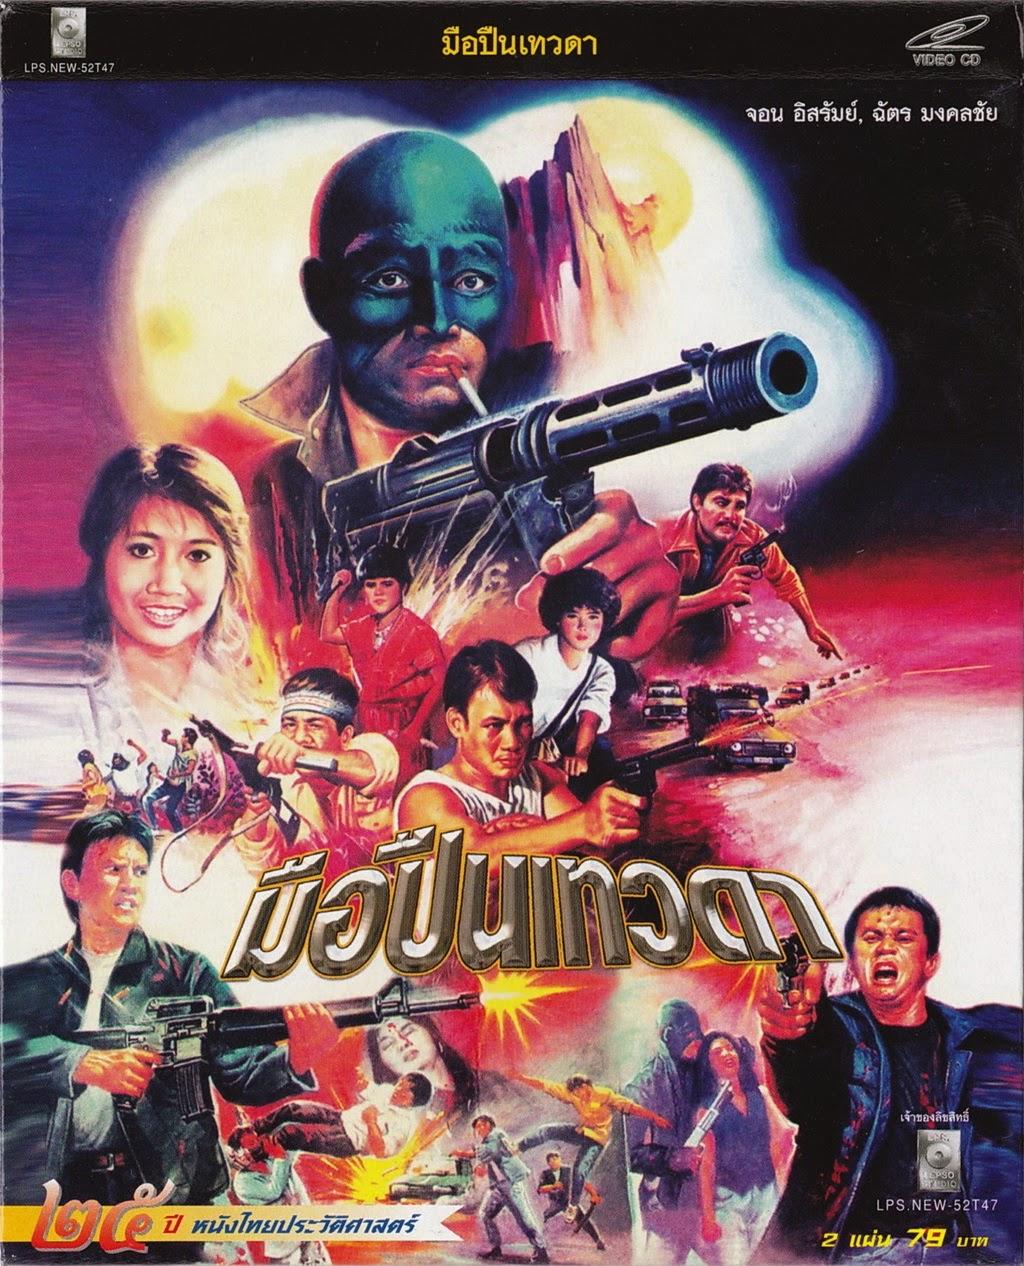 นานาภาพยนตร์: หนังไทย(2535)เรื่อง มือปืนเทวดา - จอห์น อิสรัมย์, ฉัตร มงคลชัย,  นิภาดา พร้อมทรัพย์, อรอนงค์ วงษ์ใจ, รัศมี พิมพ์มั่น [Master VCD]